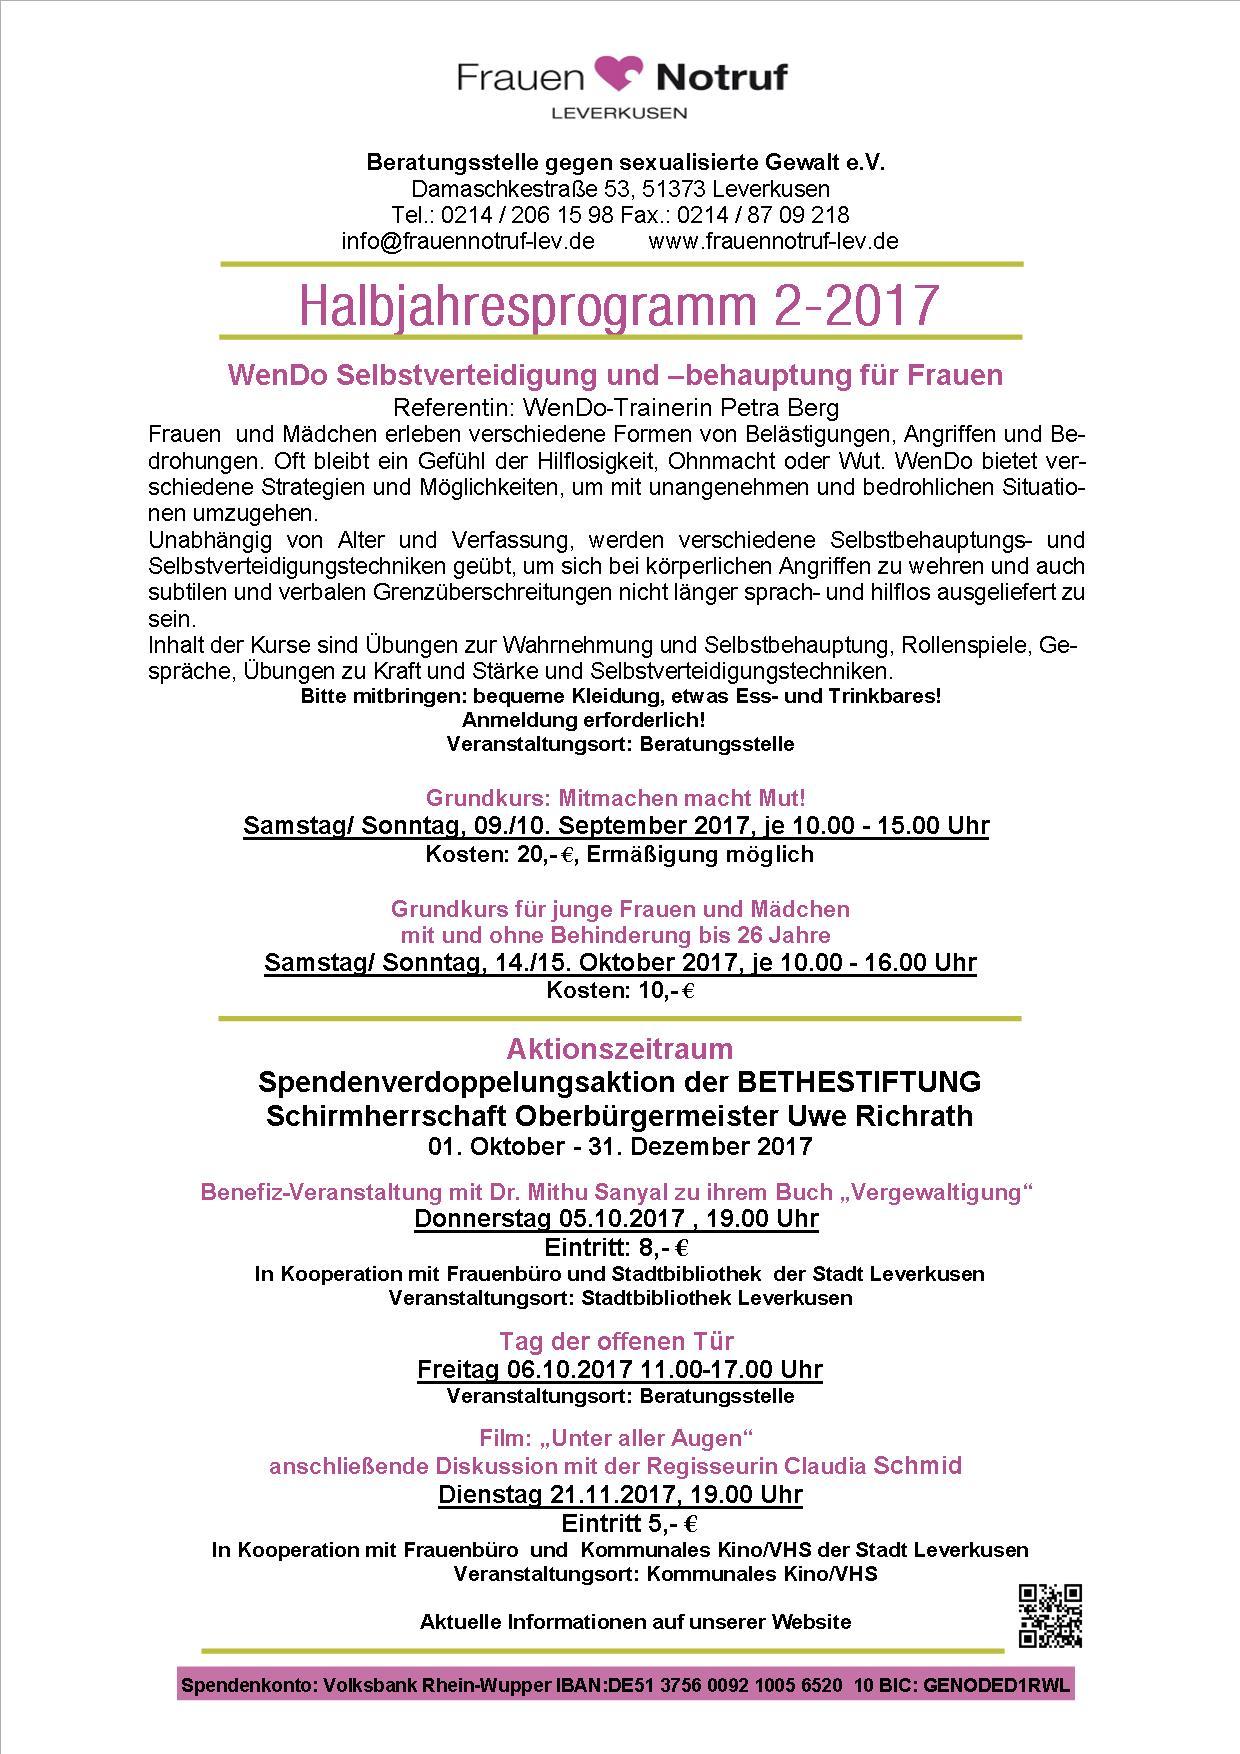 Halbjahresprogramm 2.2017